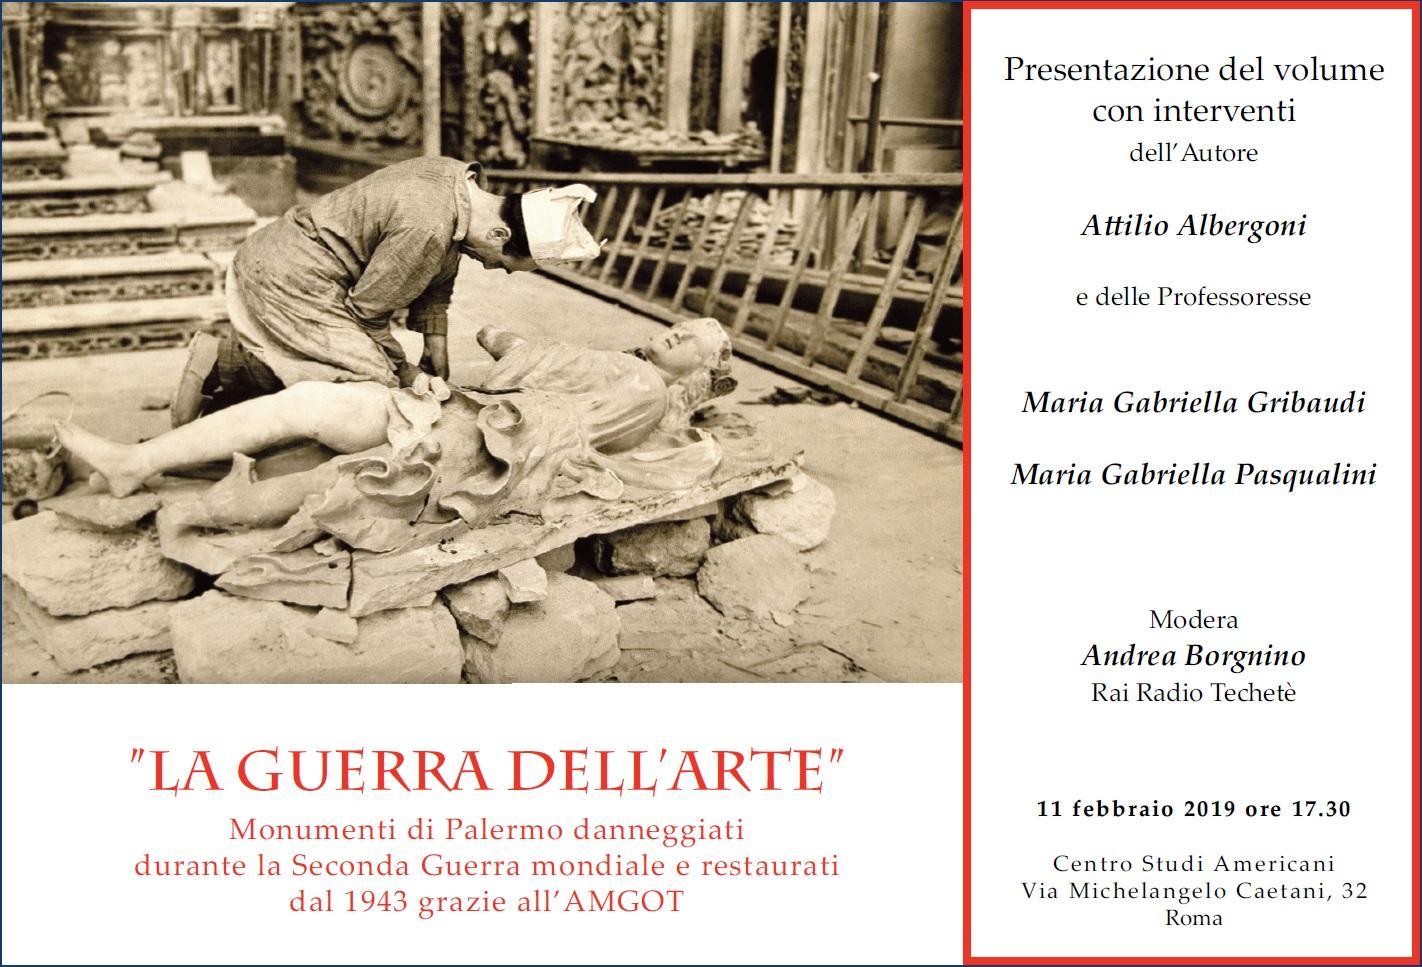 La Guerra dell'Arte, a Roma la presentazione del volume